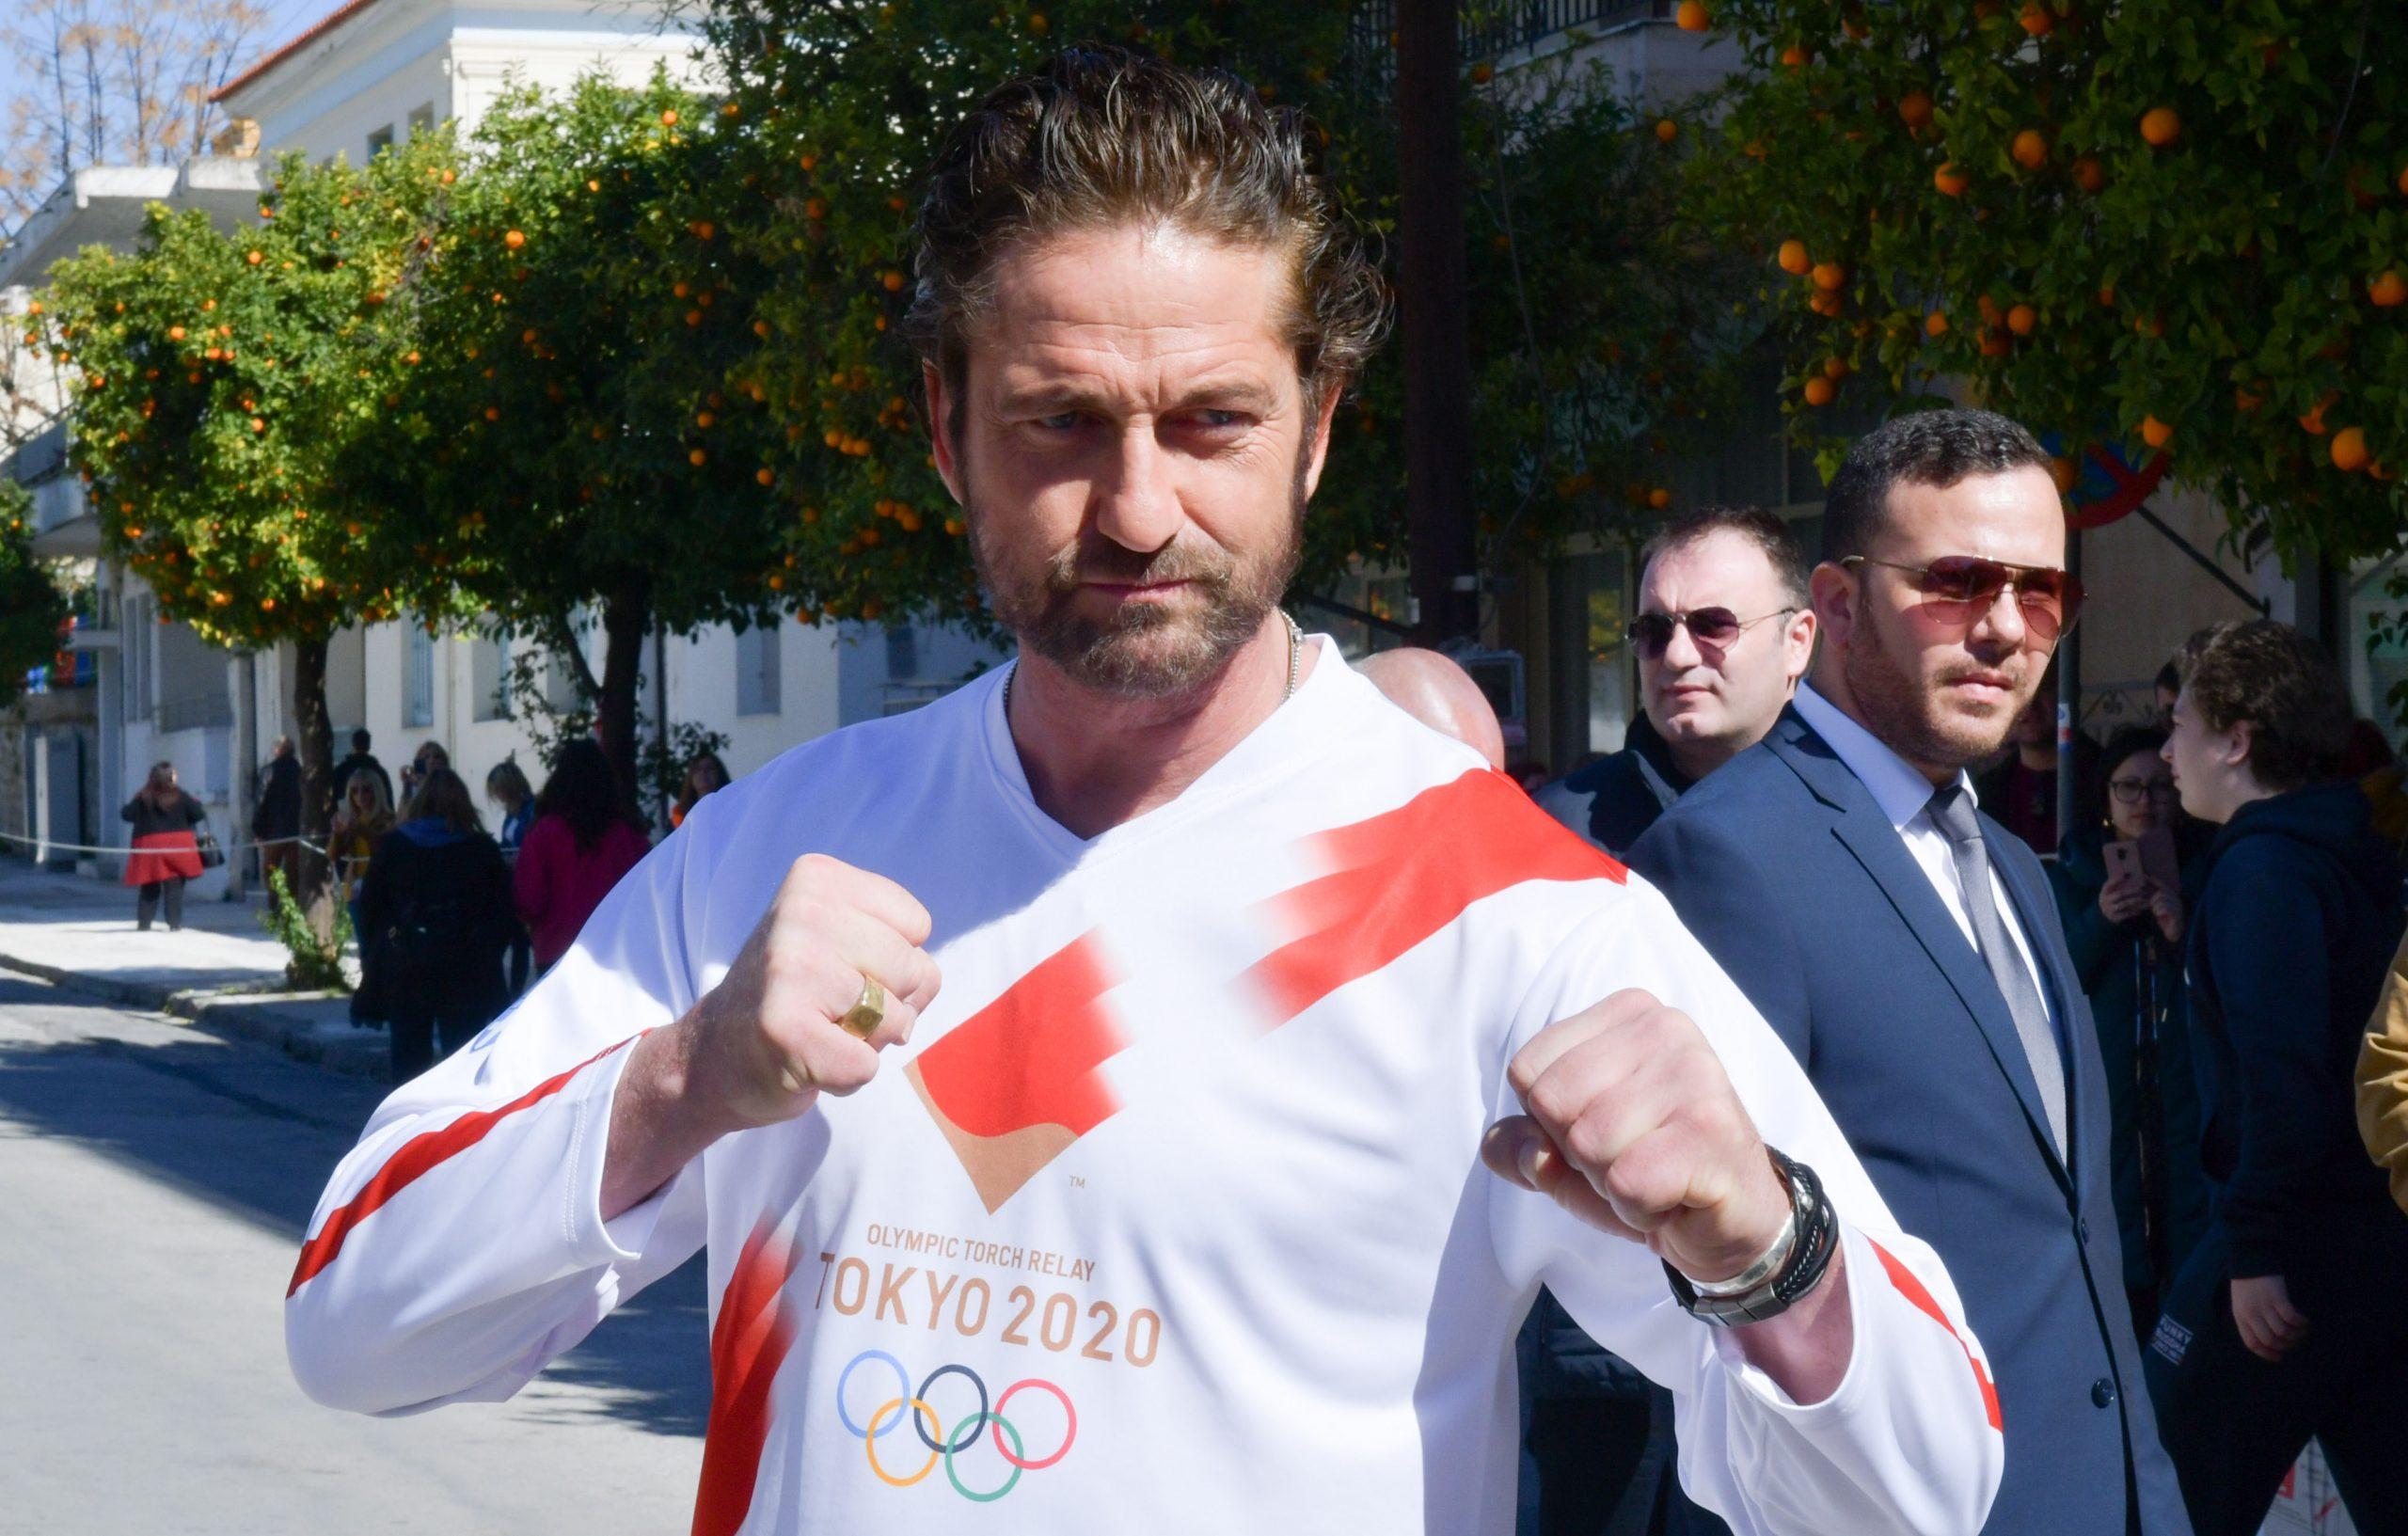 """Δες τον """"Λεωνίδα"""" Gerard Butler στη Σπάρτη, στην Ολυμπιακή Λαμπαδηδρομία"""